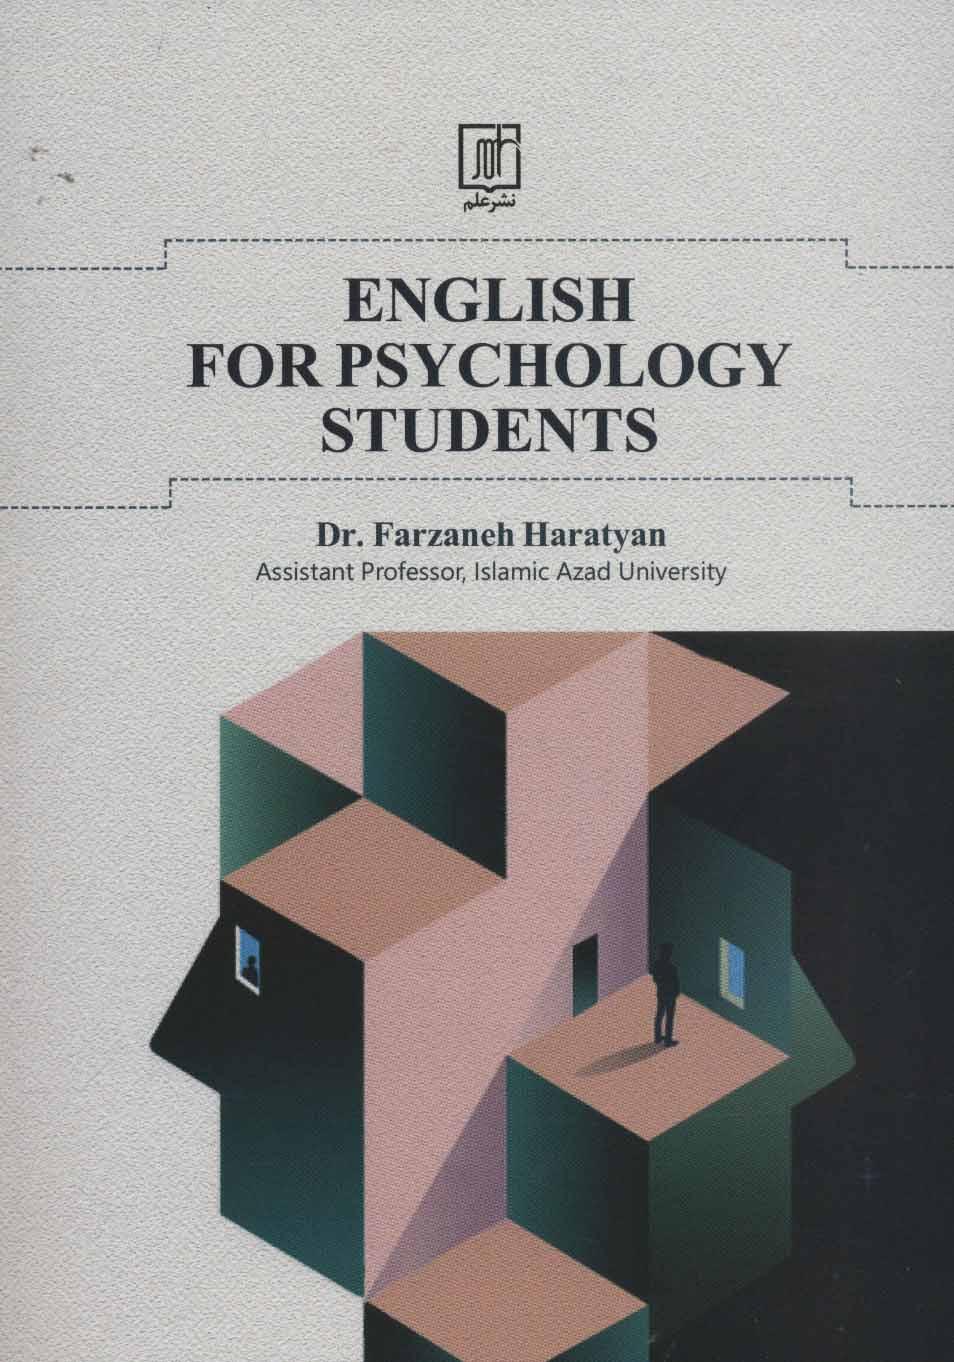 انگلیسی برای دانشجویان روان شناسی (ENGLISH FOR PSYCHOLOGY STUDENTS)،(انگلیسی)